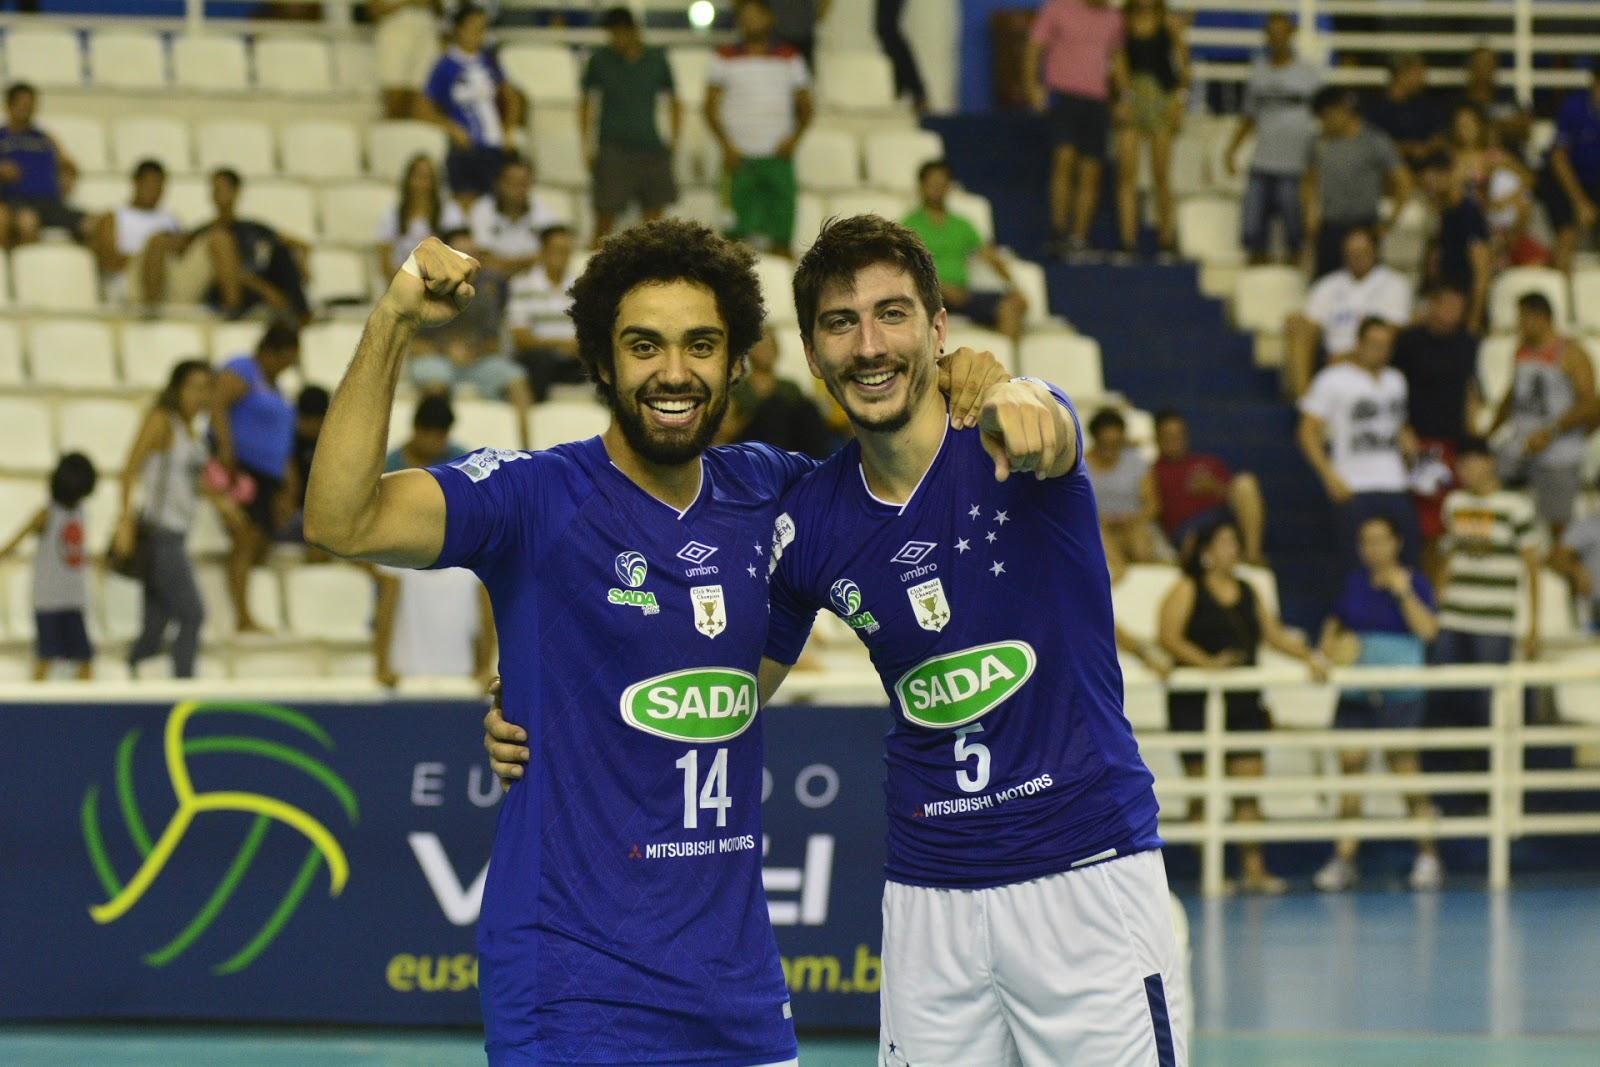 Manaus AM - O primeiro jogo da Superliga Masculina de Vôlei em Manaus AM  foi pura emoção na noite deste sábado (02 12) 3c563390e3652